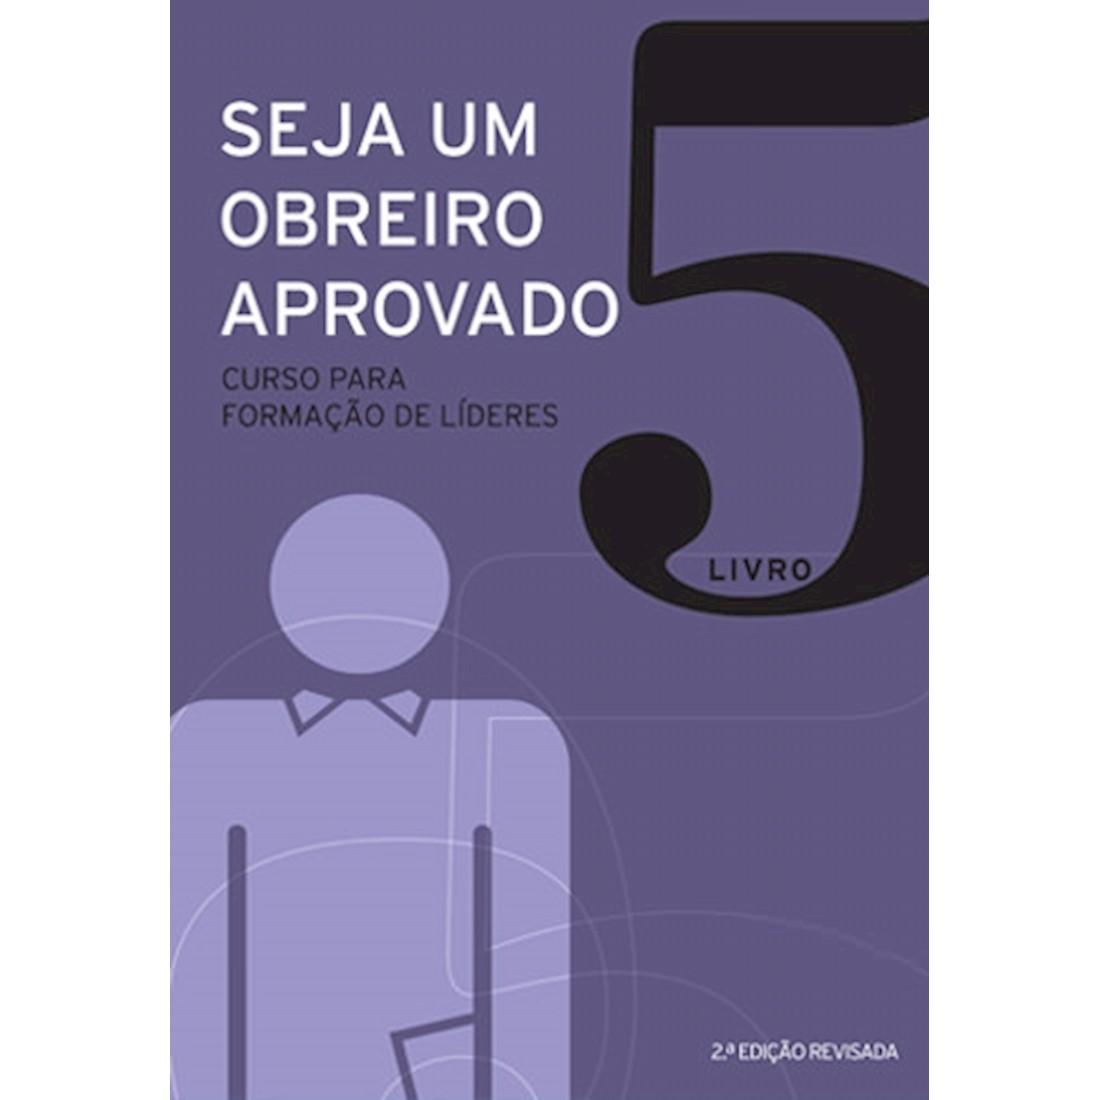 Livro Seja um Obreiro Aprovado - Livro 5 (Nova Edição)